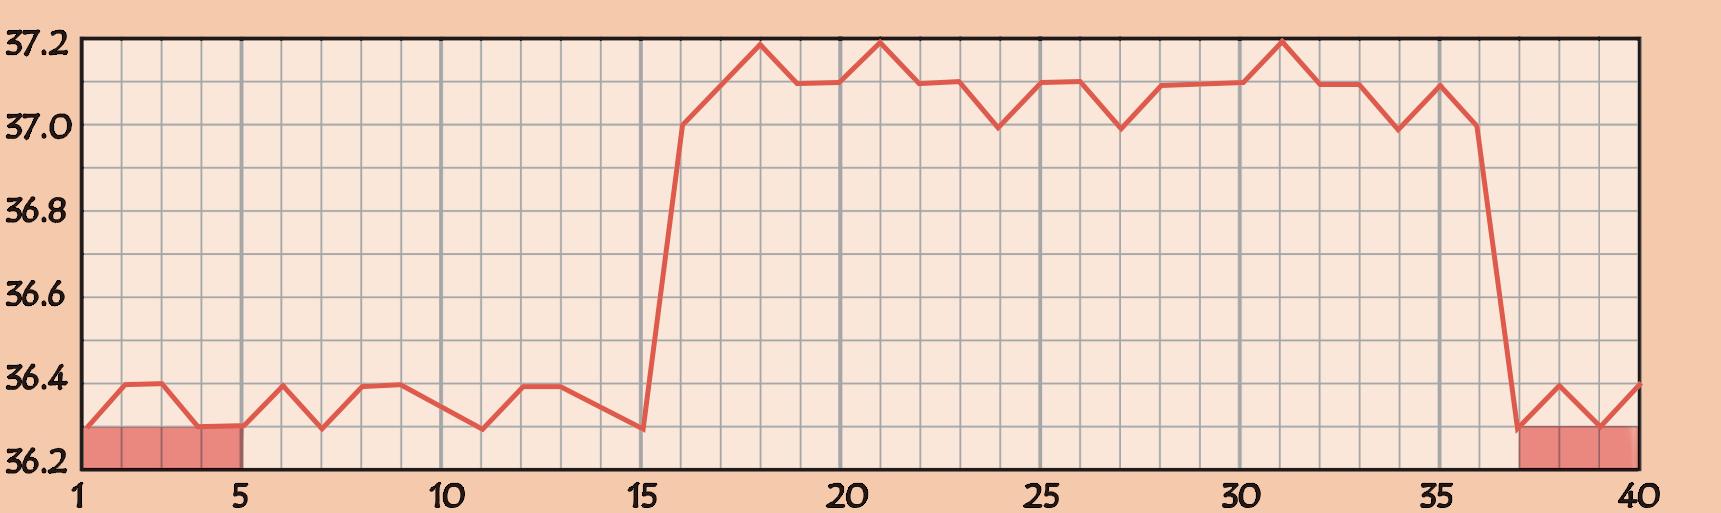 基礎体温の高温期が長いグラフ